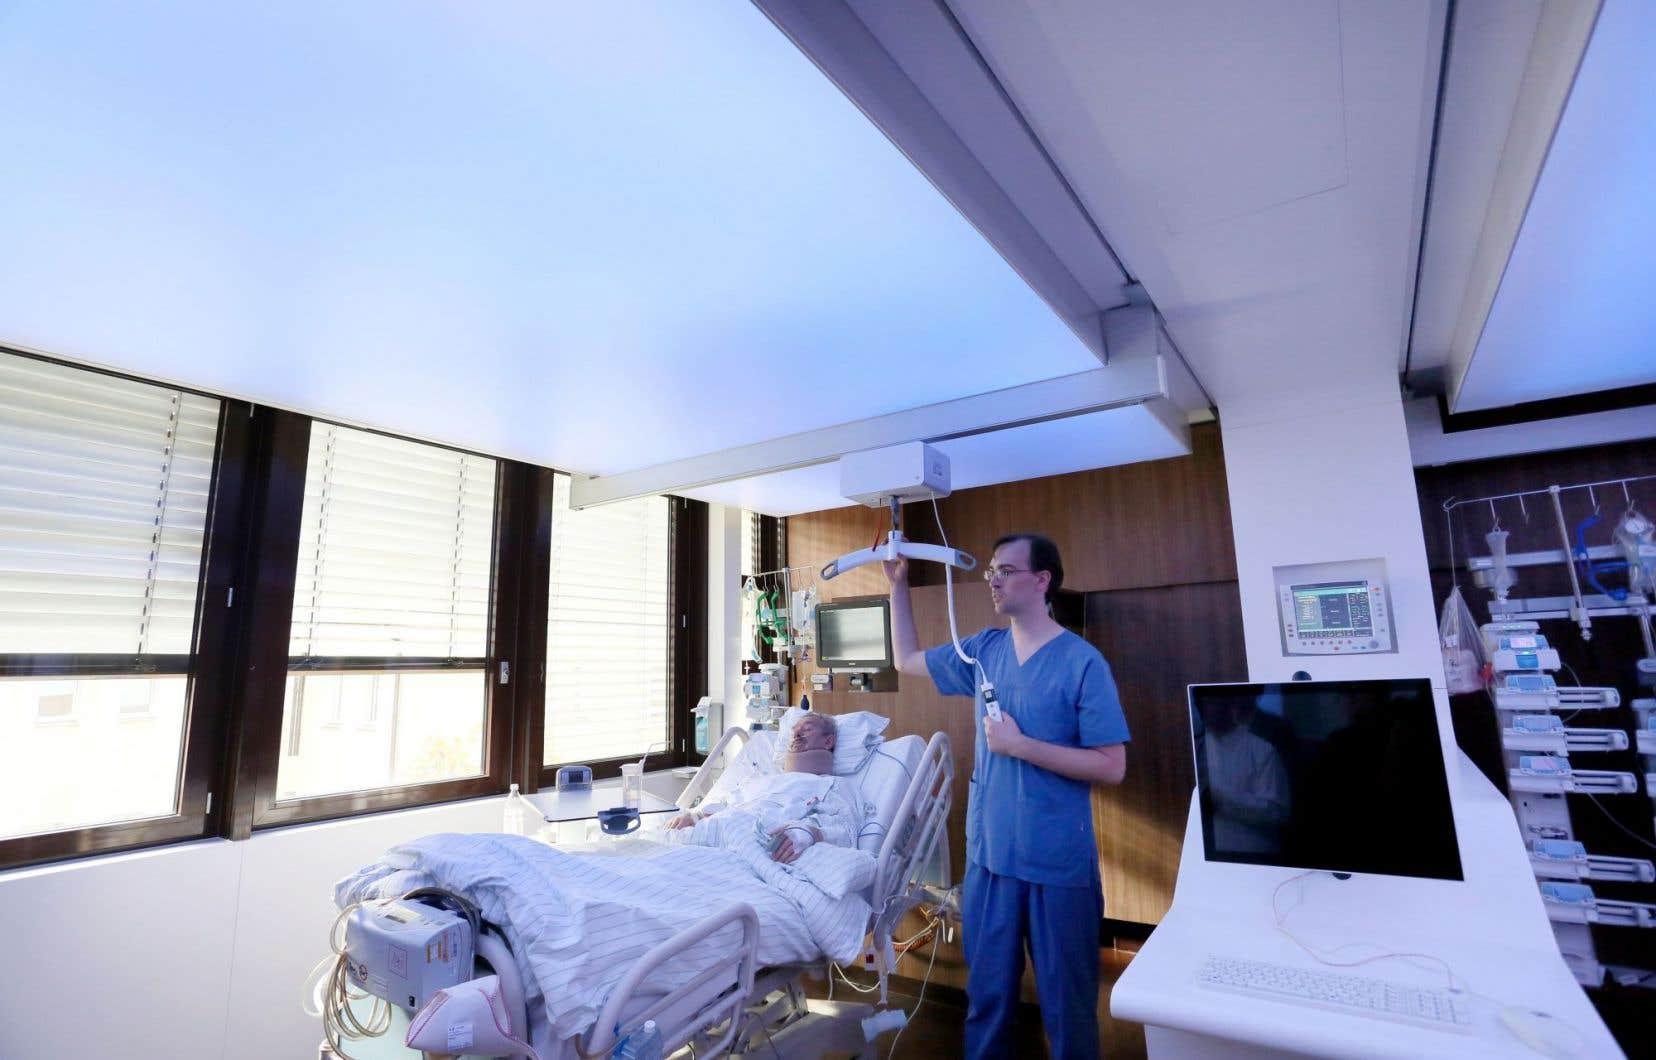 Une salle des soins intensifs de l'hôpital universitaire de la Charité, à Berlin